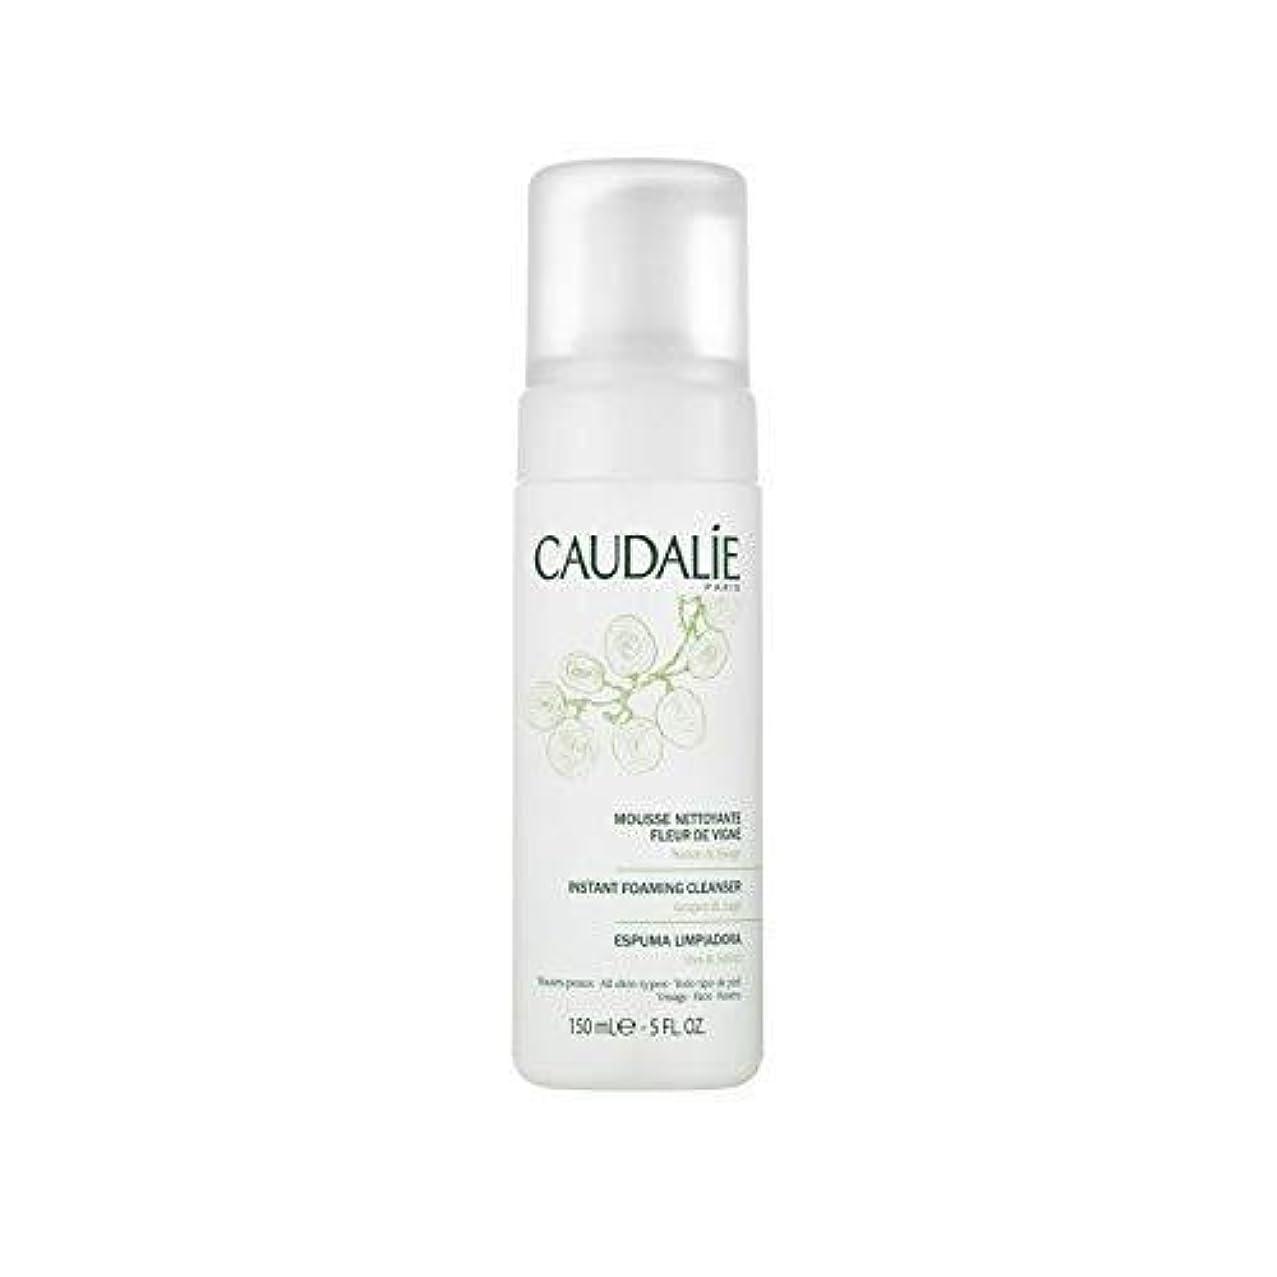 アイスクリームましい触手コーダリー Instant Foaming Cleanser - For All Skin Types 150ml/5oz並行輸入品